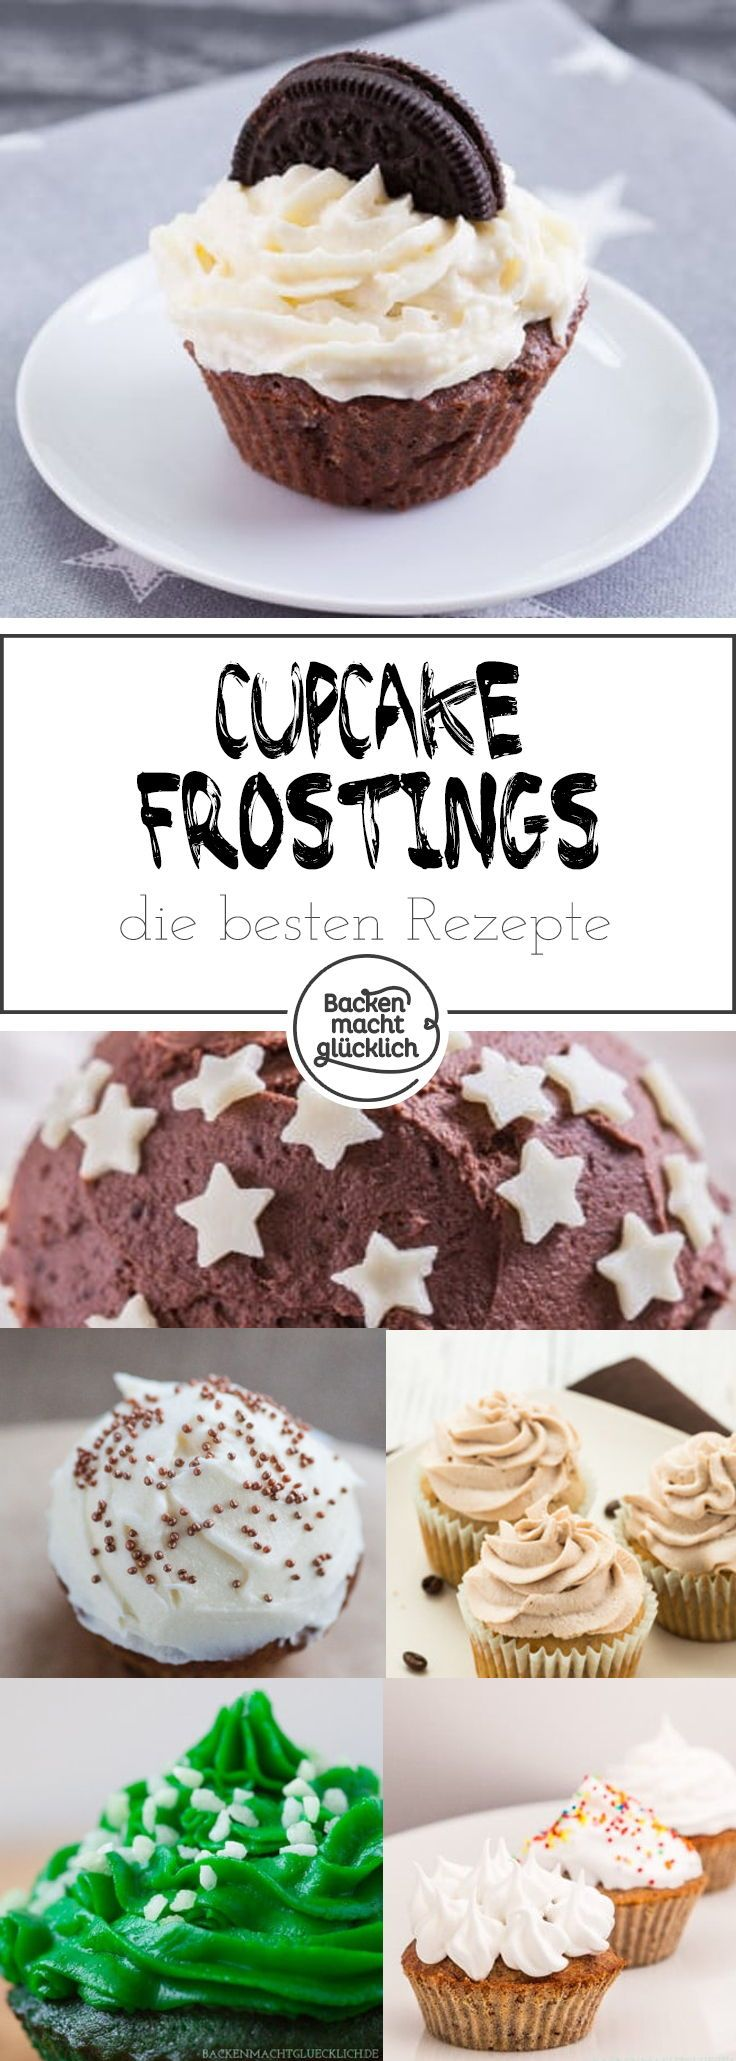 Cupcake Frostings und Toppings | Backen macht glücklich